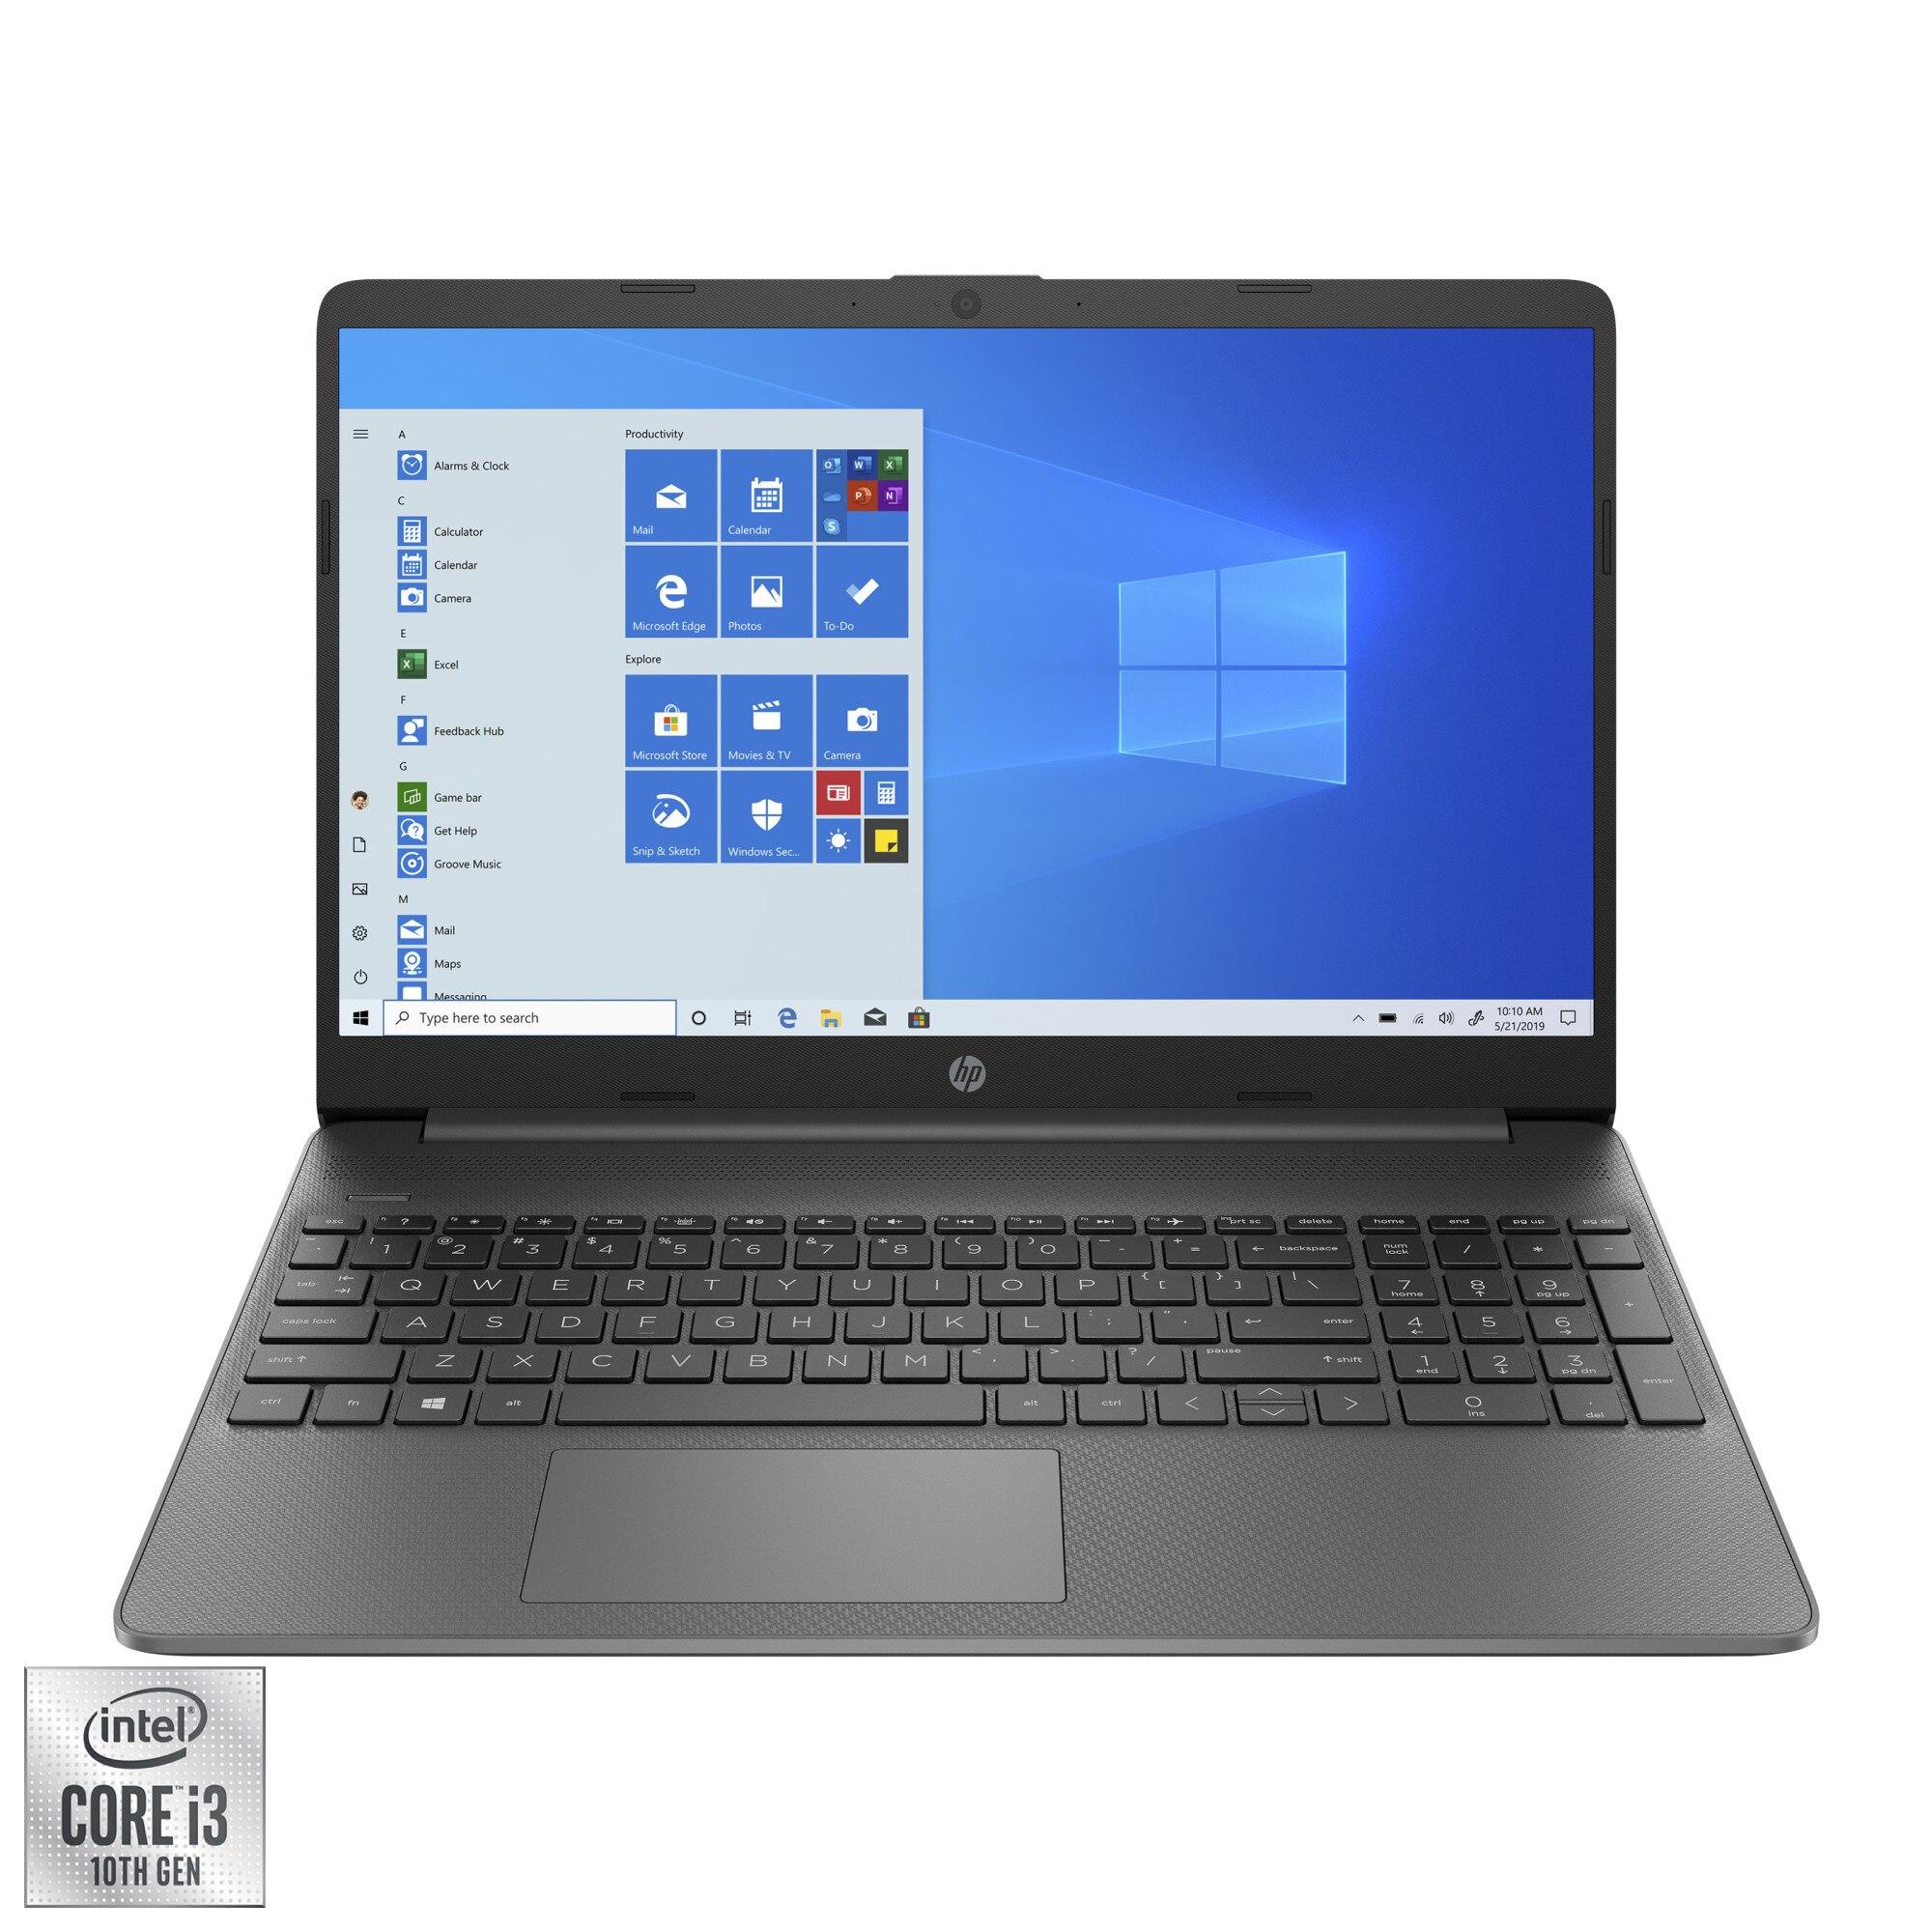 """Fotografie Laptop HP 15s-fq1061nq cu procesor Intel® Core™ i3-1005G1 pana la 3.40 GHz, 15.6"""", HD, 4GB, 256GB SSD,Intel® UHD Graphics, Windows 10 Home S, Chalkboard gray"""